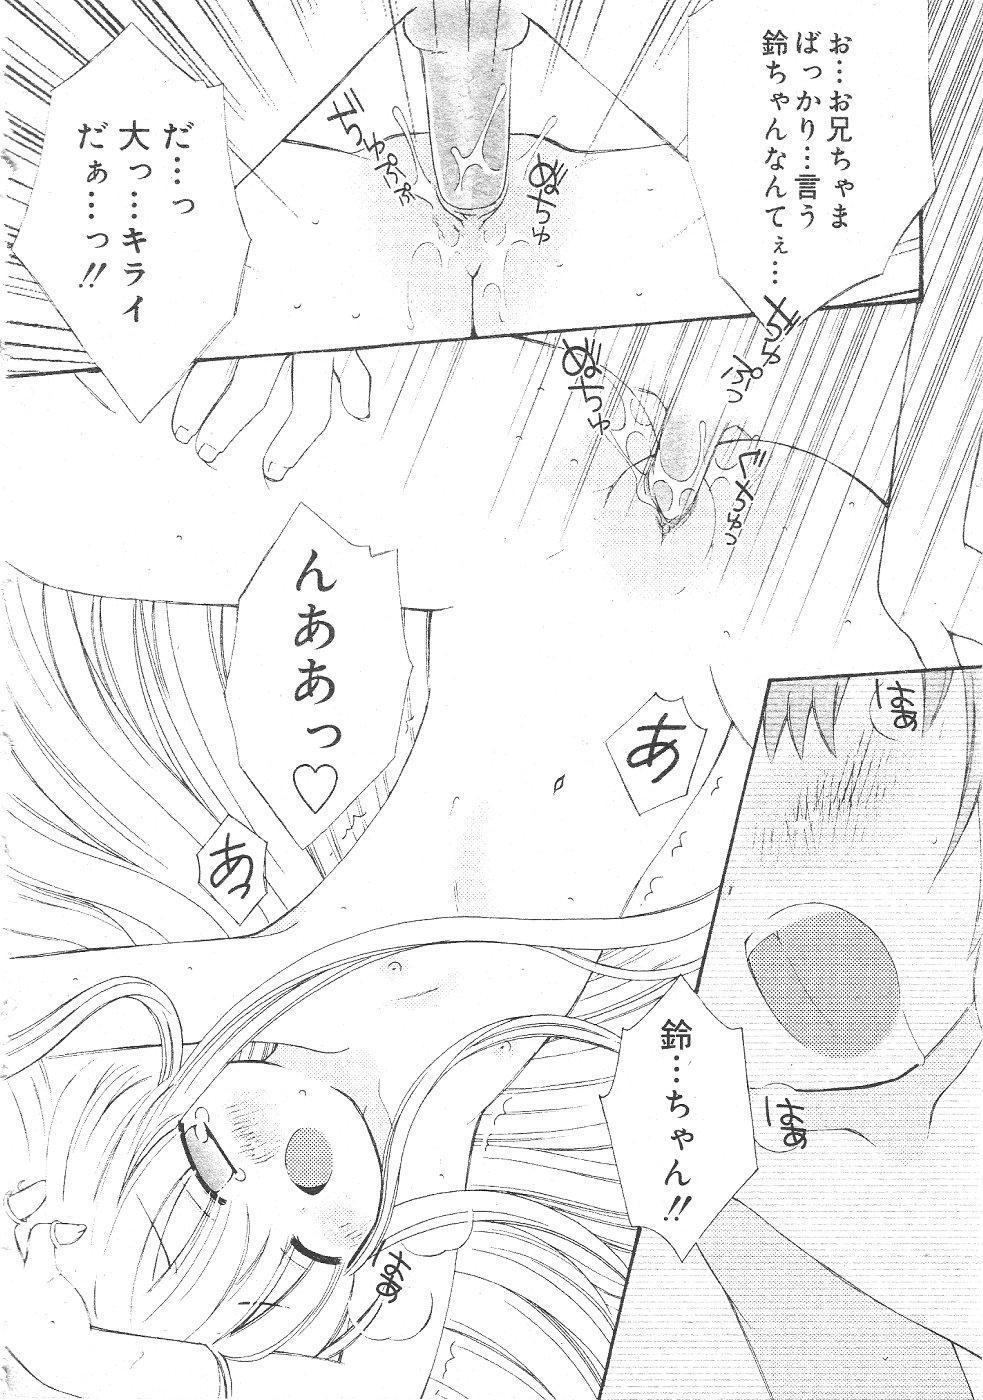 Gekkan Comic Muga 2004-06 Vol.10 249